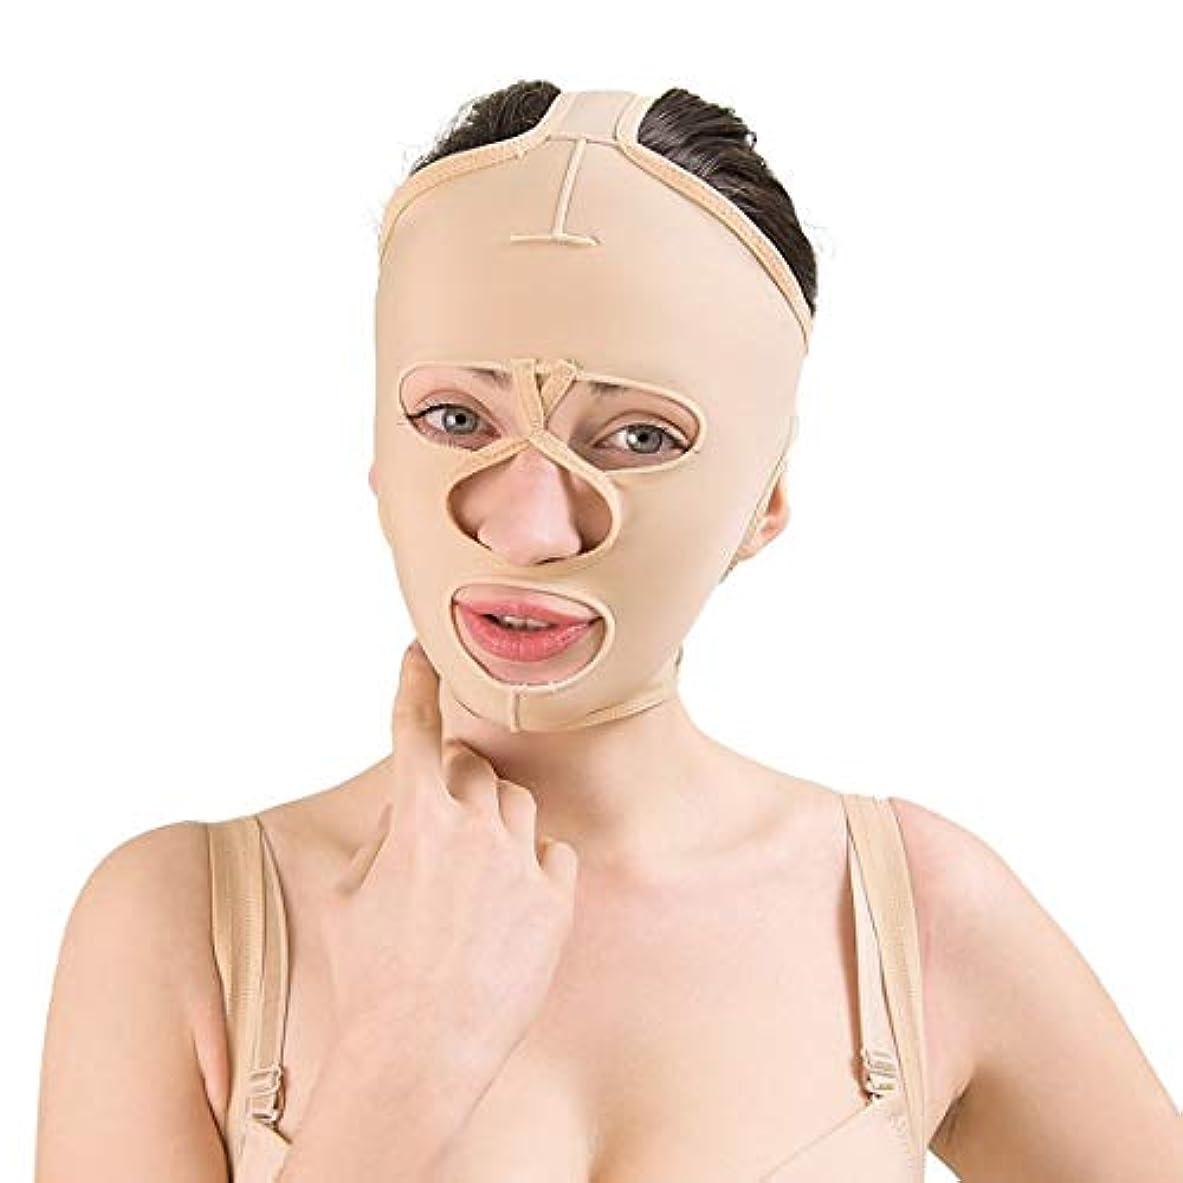 規範力学考えたZWBD フェイスマスク, フェイスリフト包帯医療弾性スリーブ顔面下顎形成外科術後圧縮下顎スリーブ補助修復マスクしわを削除する (Size : S)